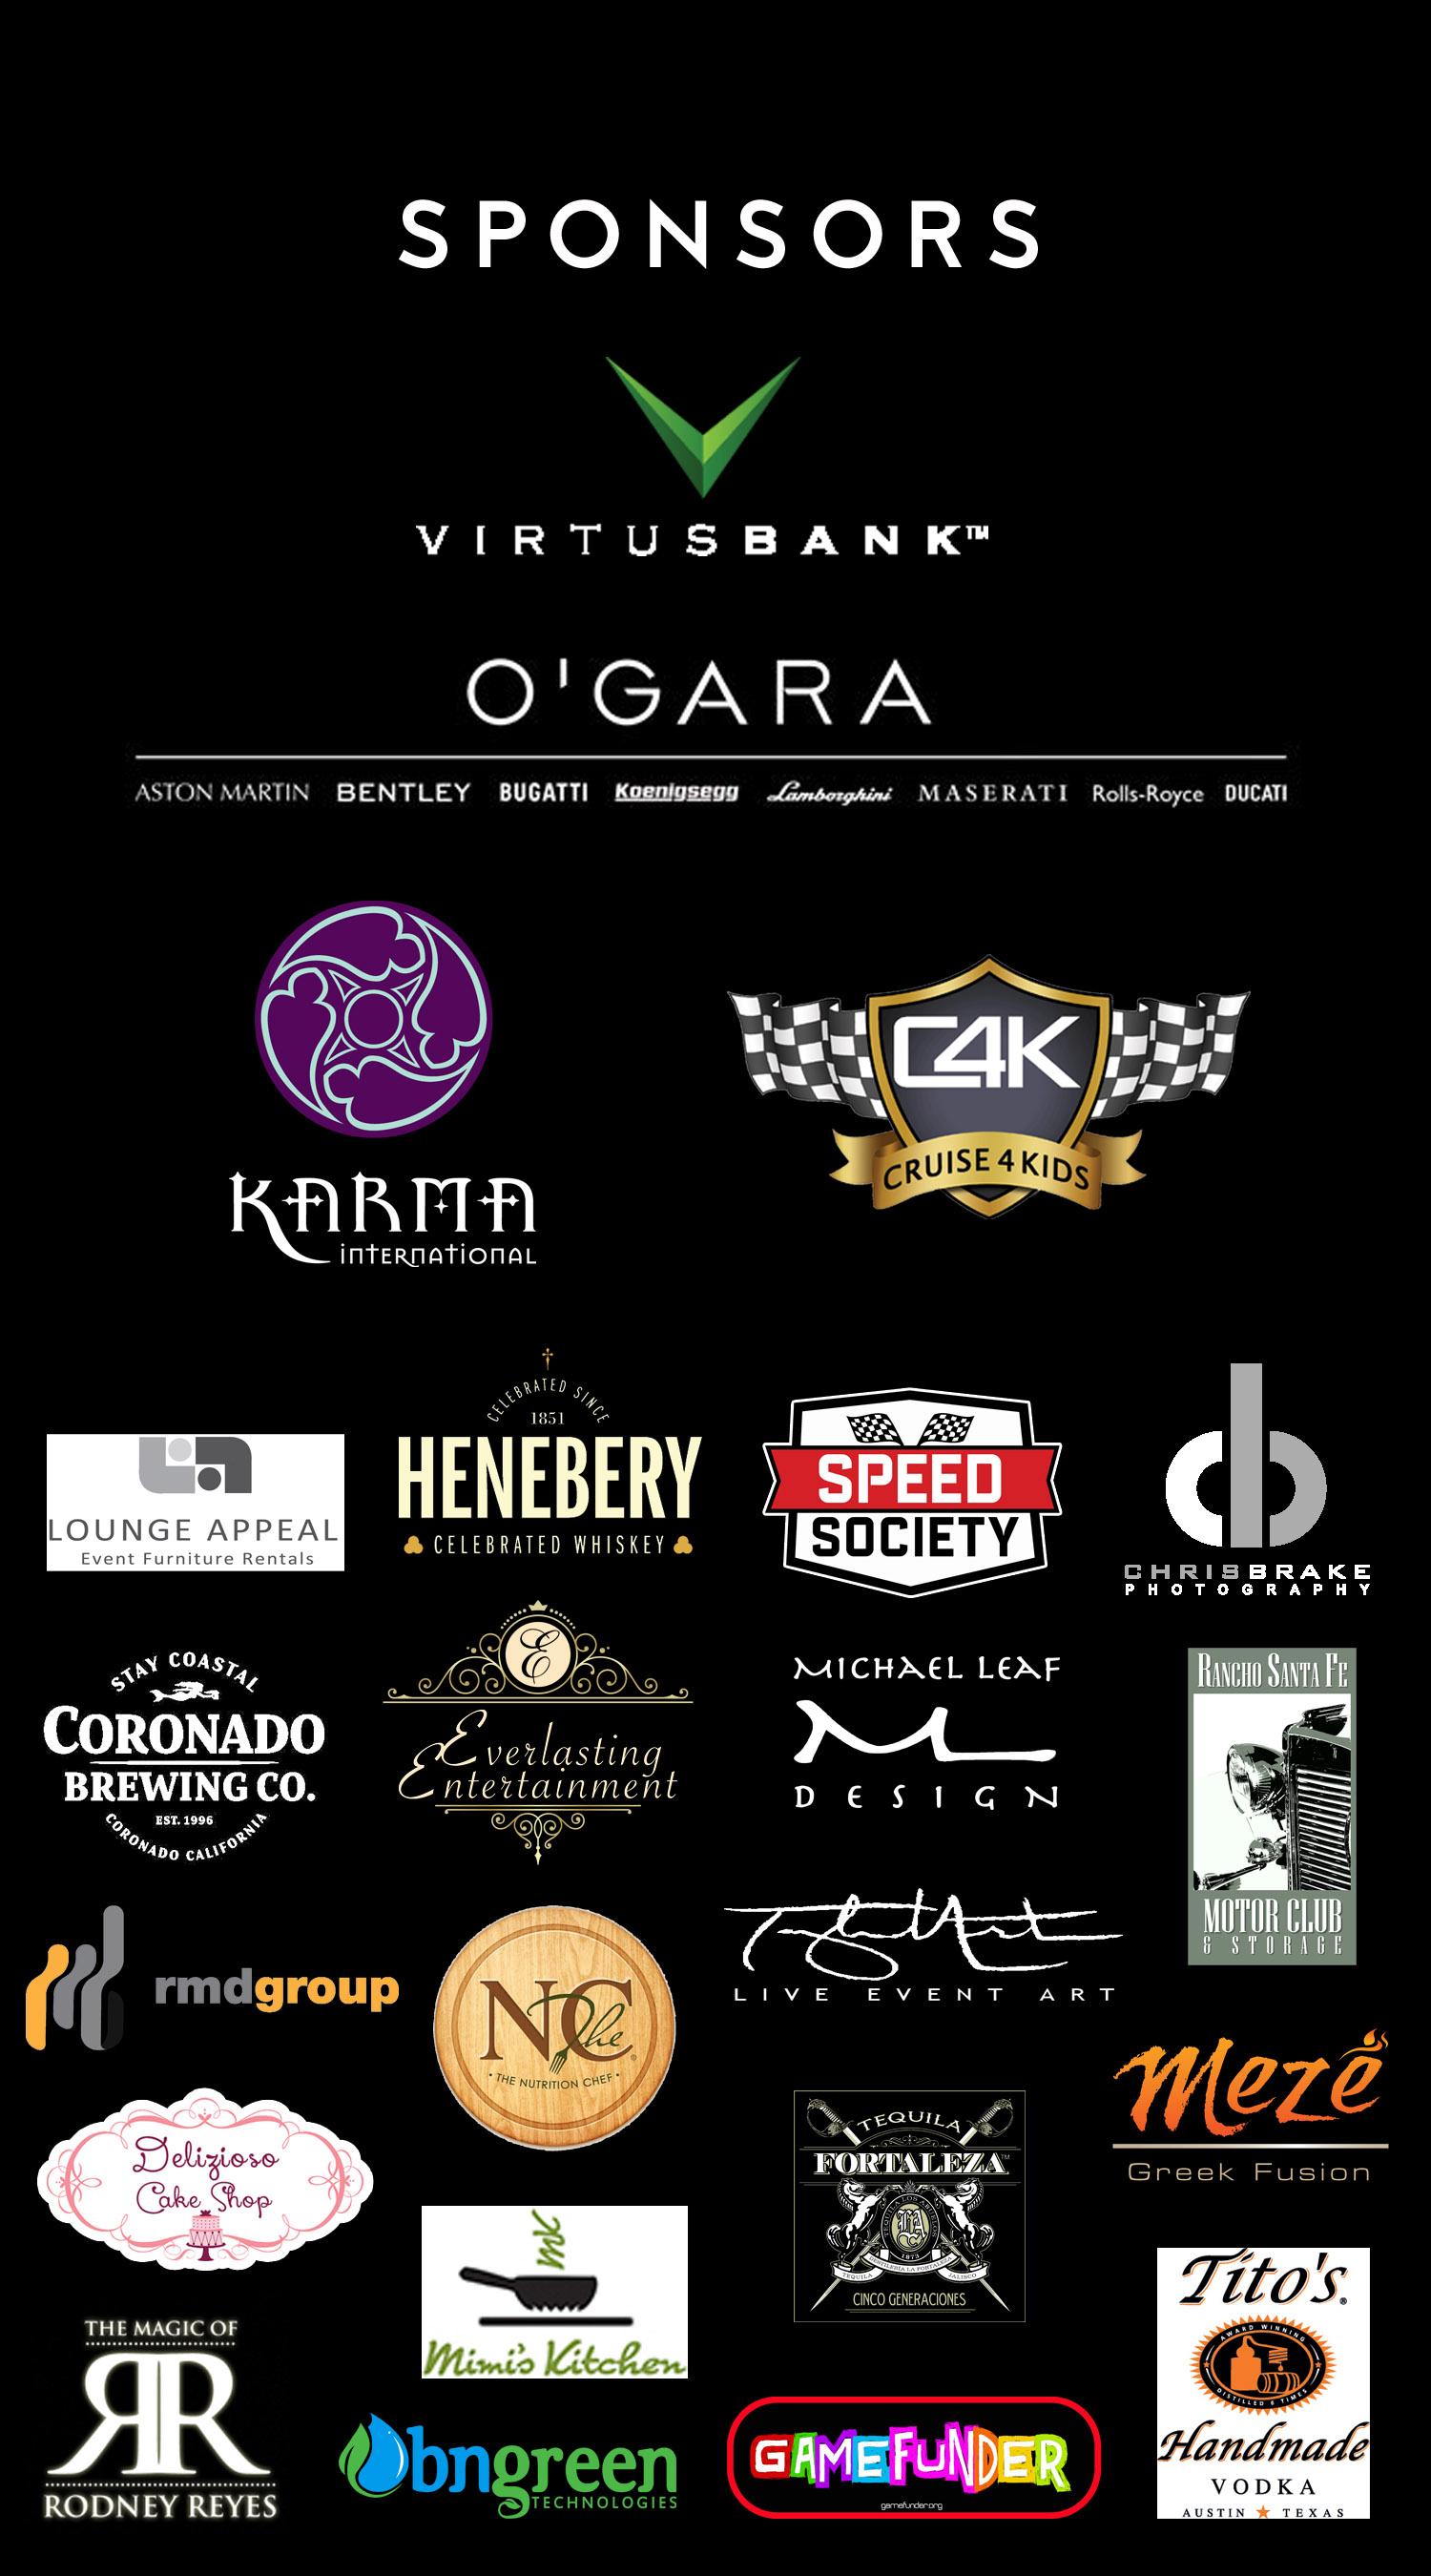 ogara_nights_sponsors_bngreen_karma_virtus_bank_c4k